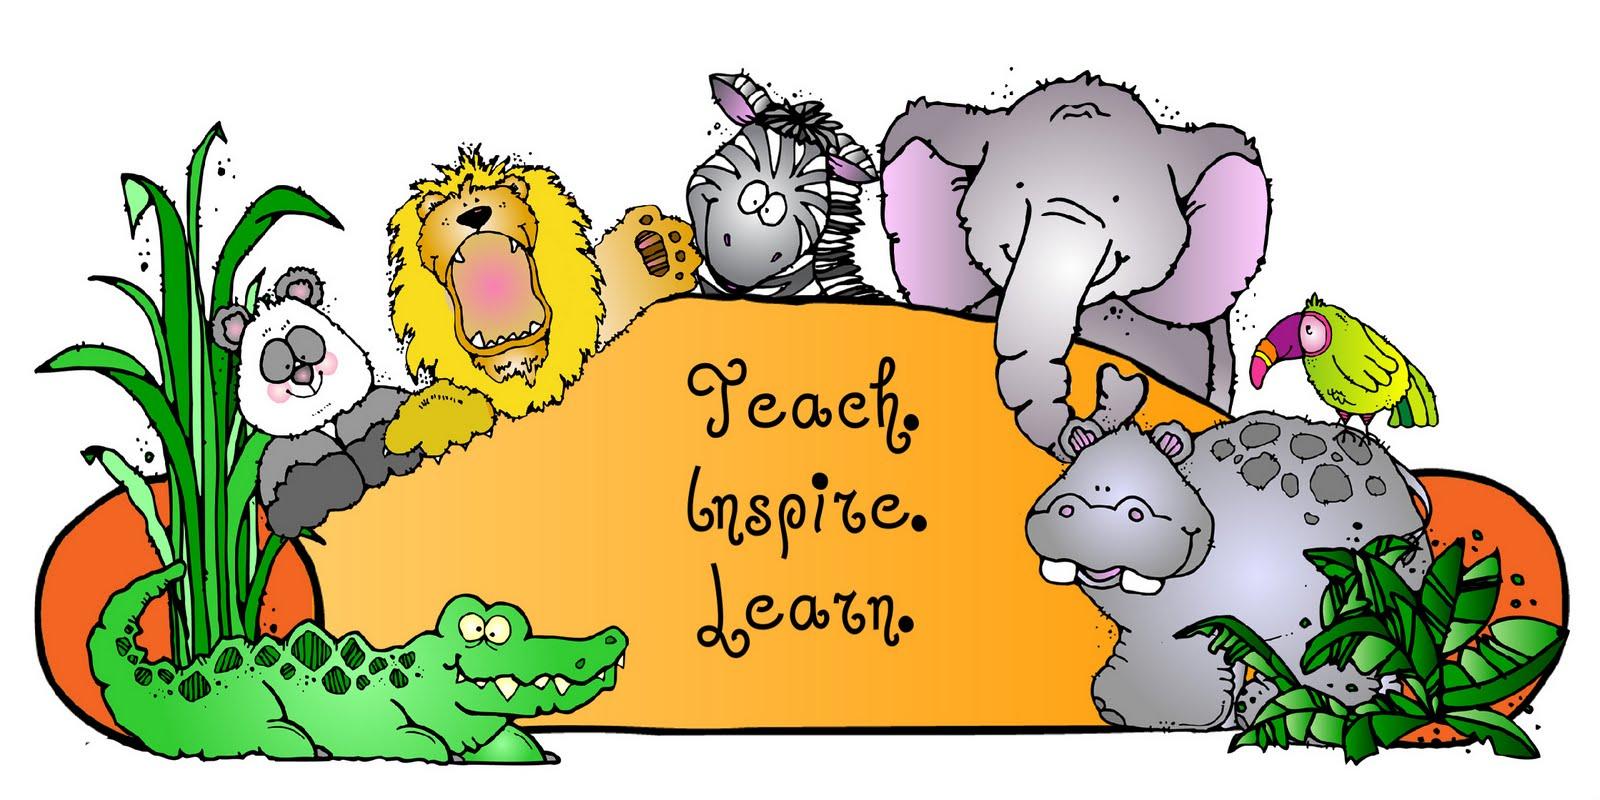 Teach. Inspire. Learn.